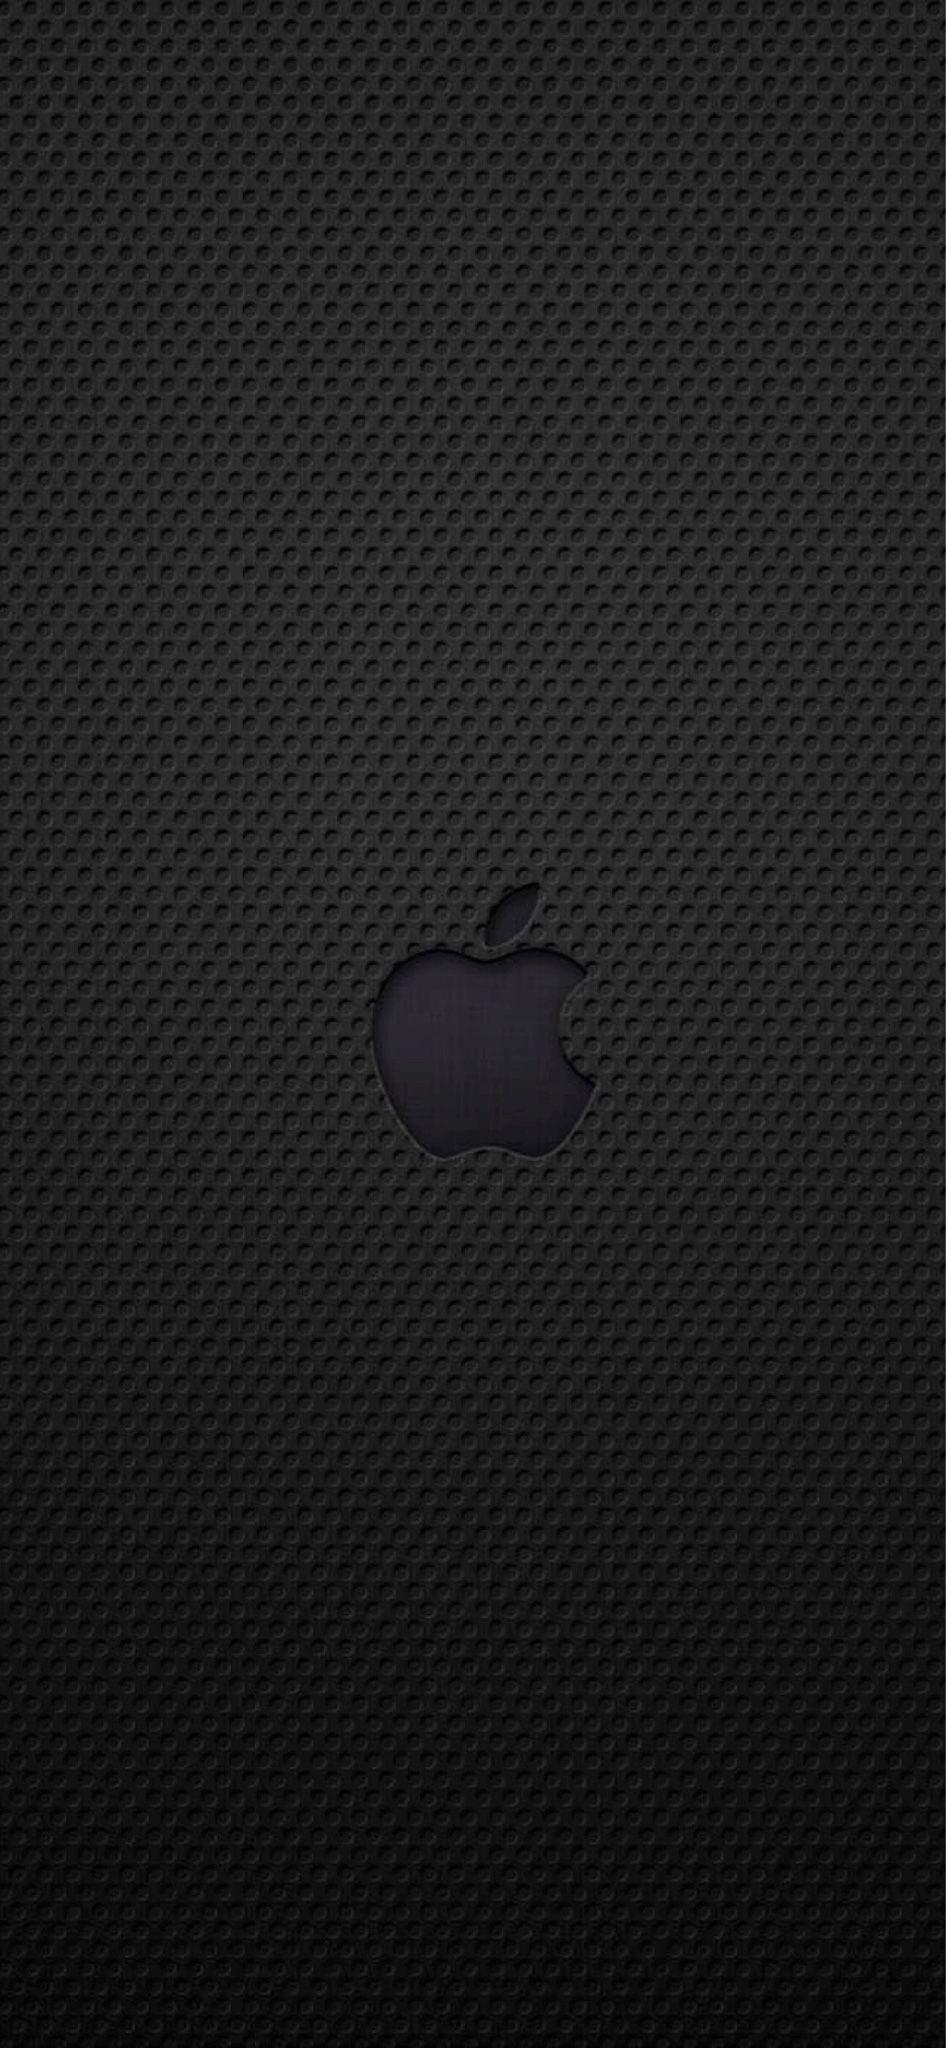 iOS11 iOS12 Lockscreen Homescreen backgrounds Apple